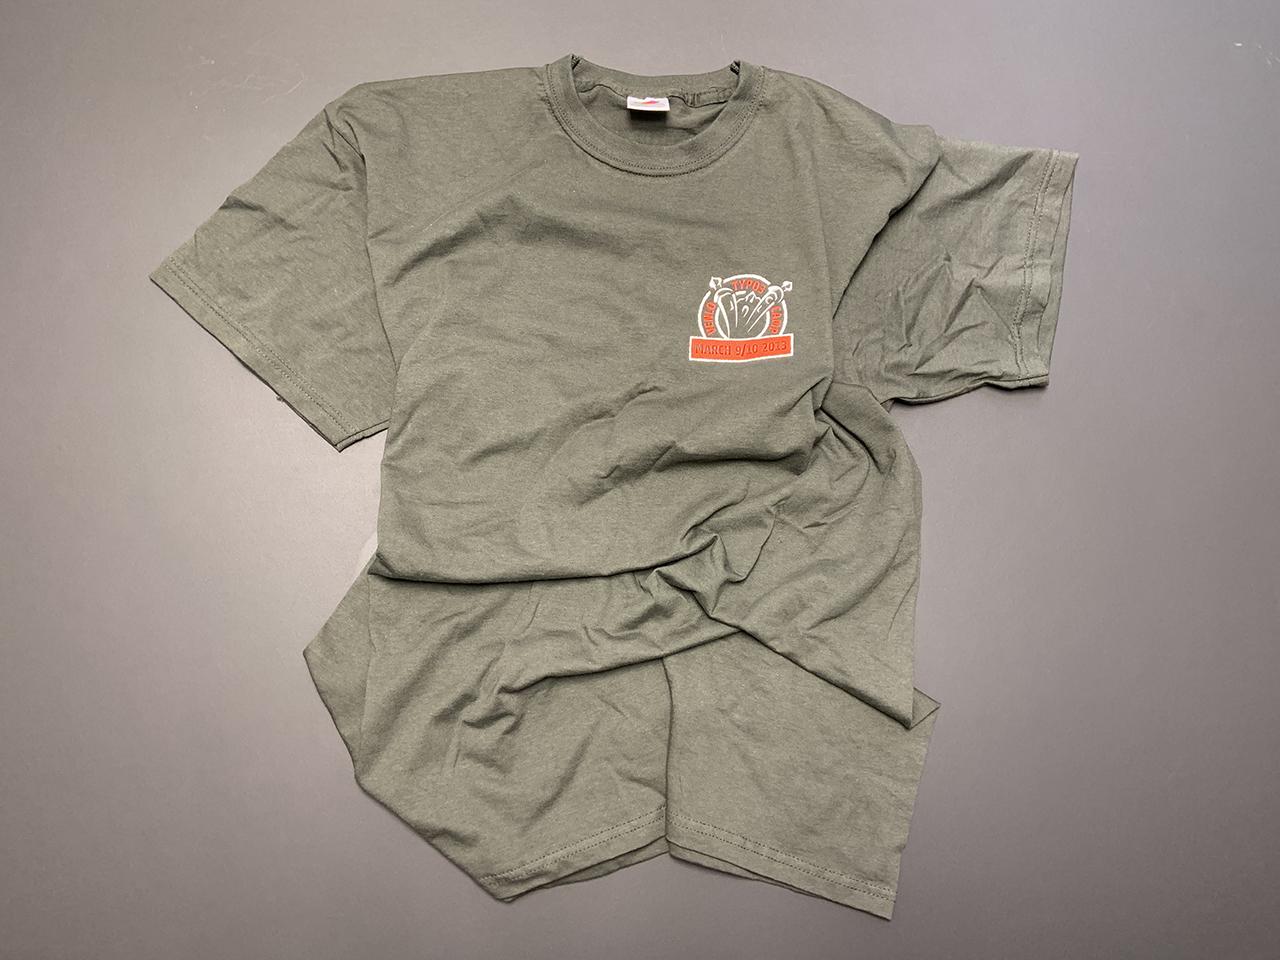 Gräuliches Shirt mit orangenem Aufdruck